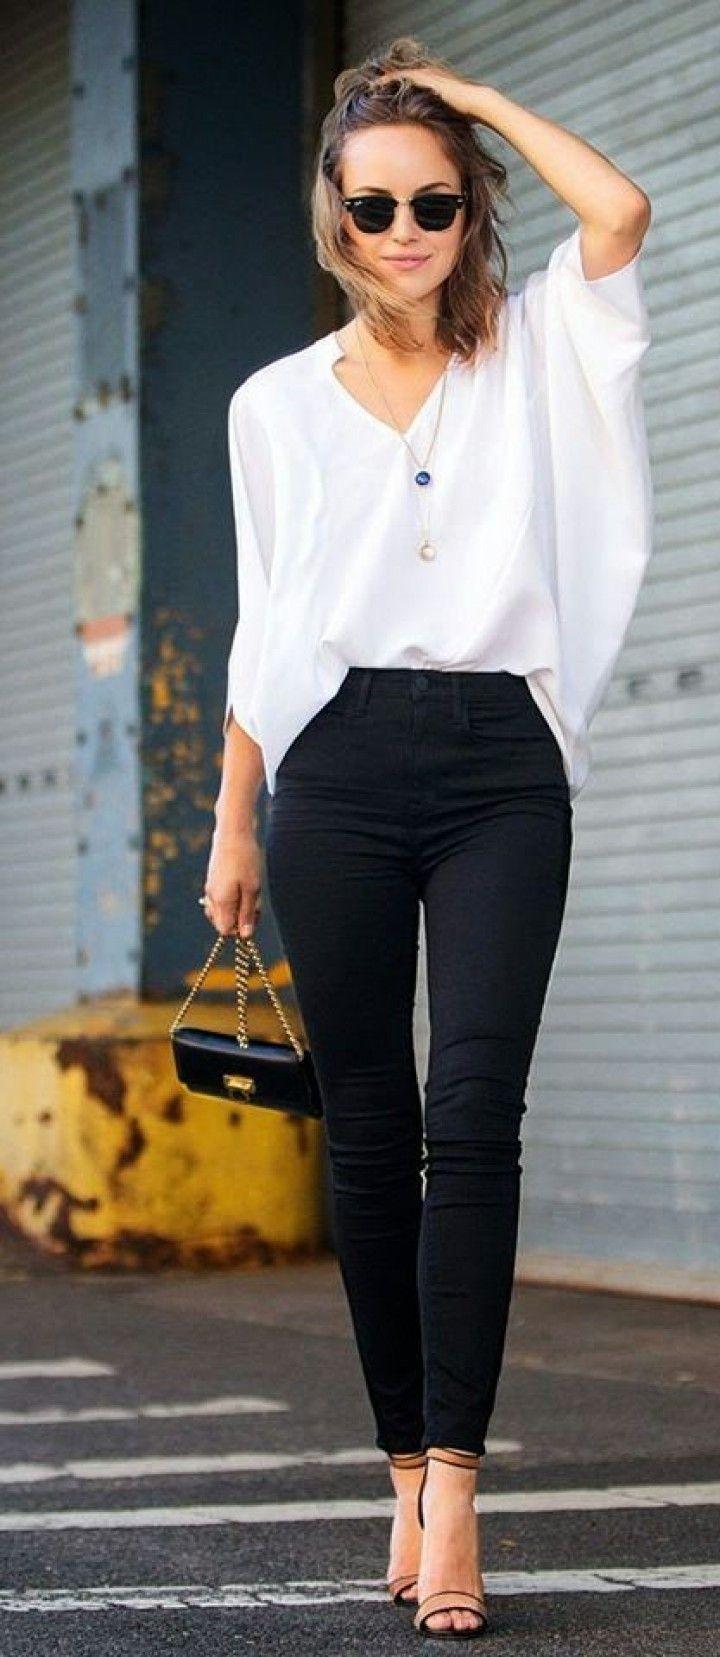 mujer con pantalón negro y blusa blanca Más